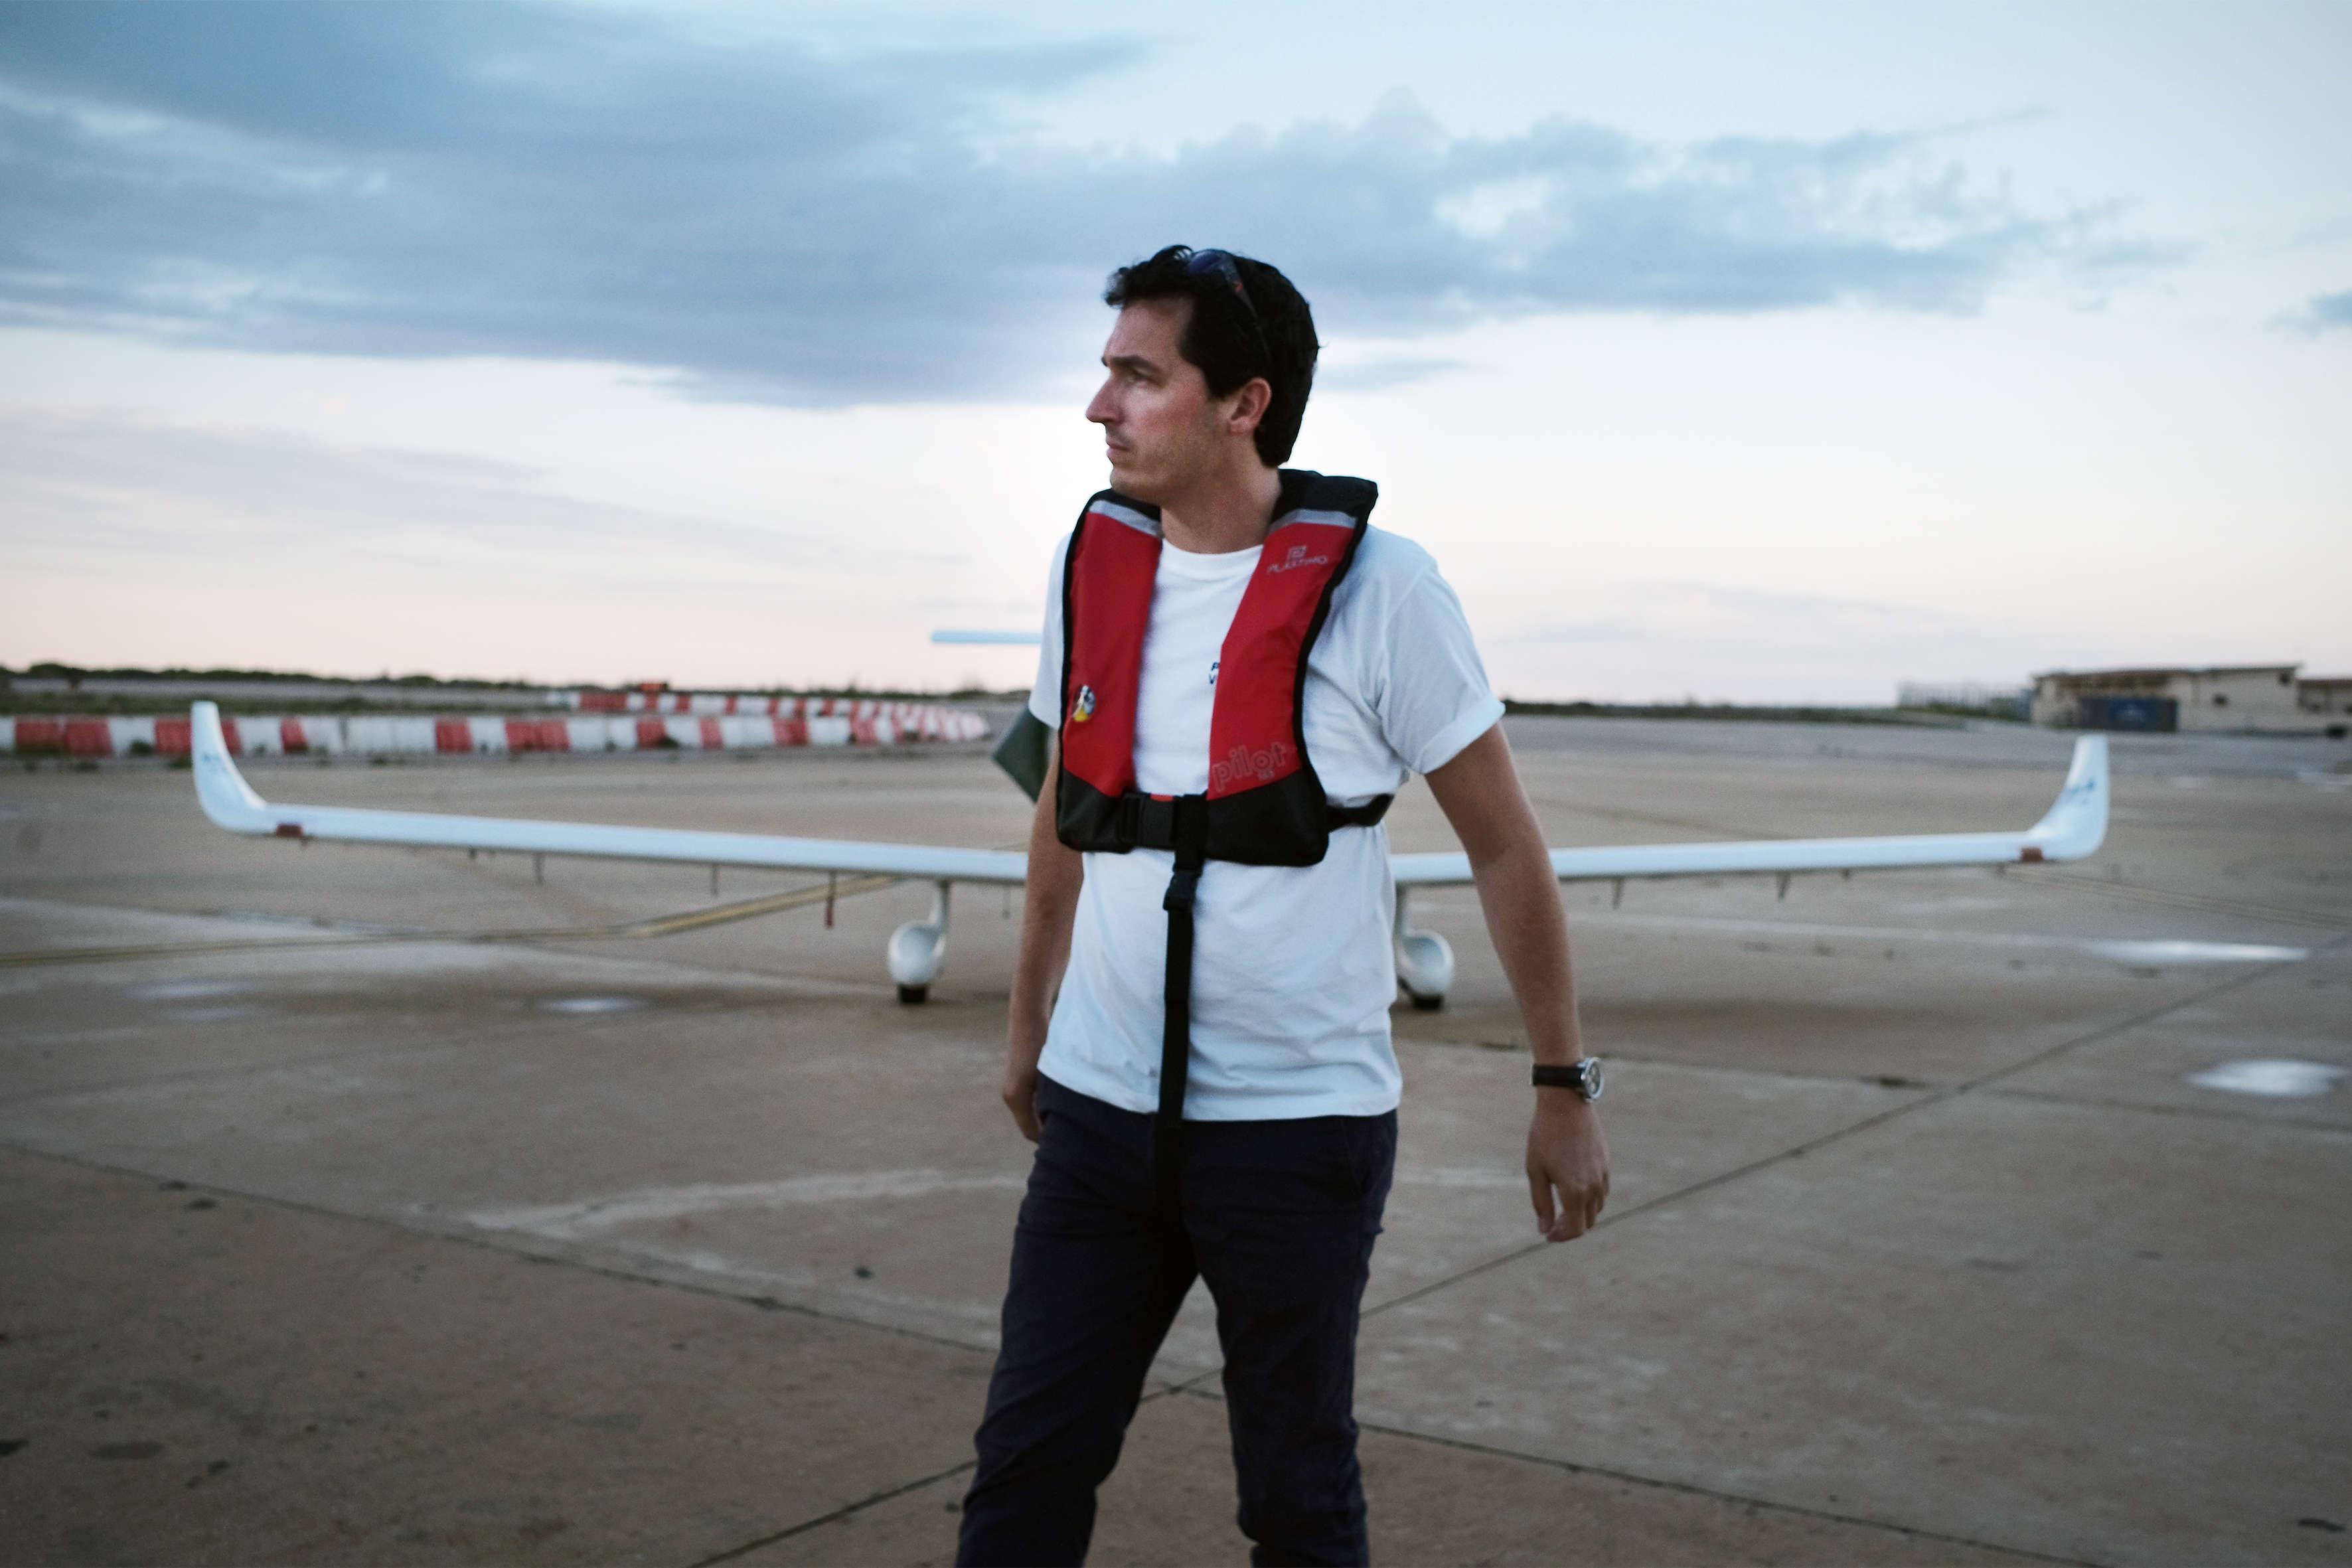 Le photographe Samuel Gratacap a pris son envol avec des bénévoles de l'ONG Pilotes volontaires à la recherche d'embarcations en détresse au large des côtes libyennes.  SAMUEL GRATACAP / « LE MONDE »